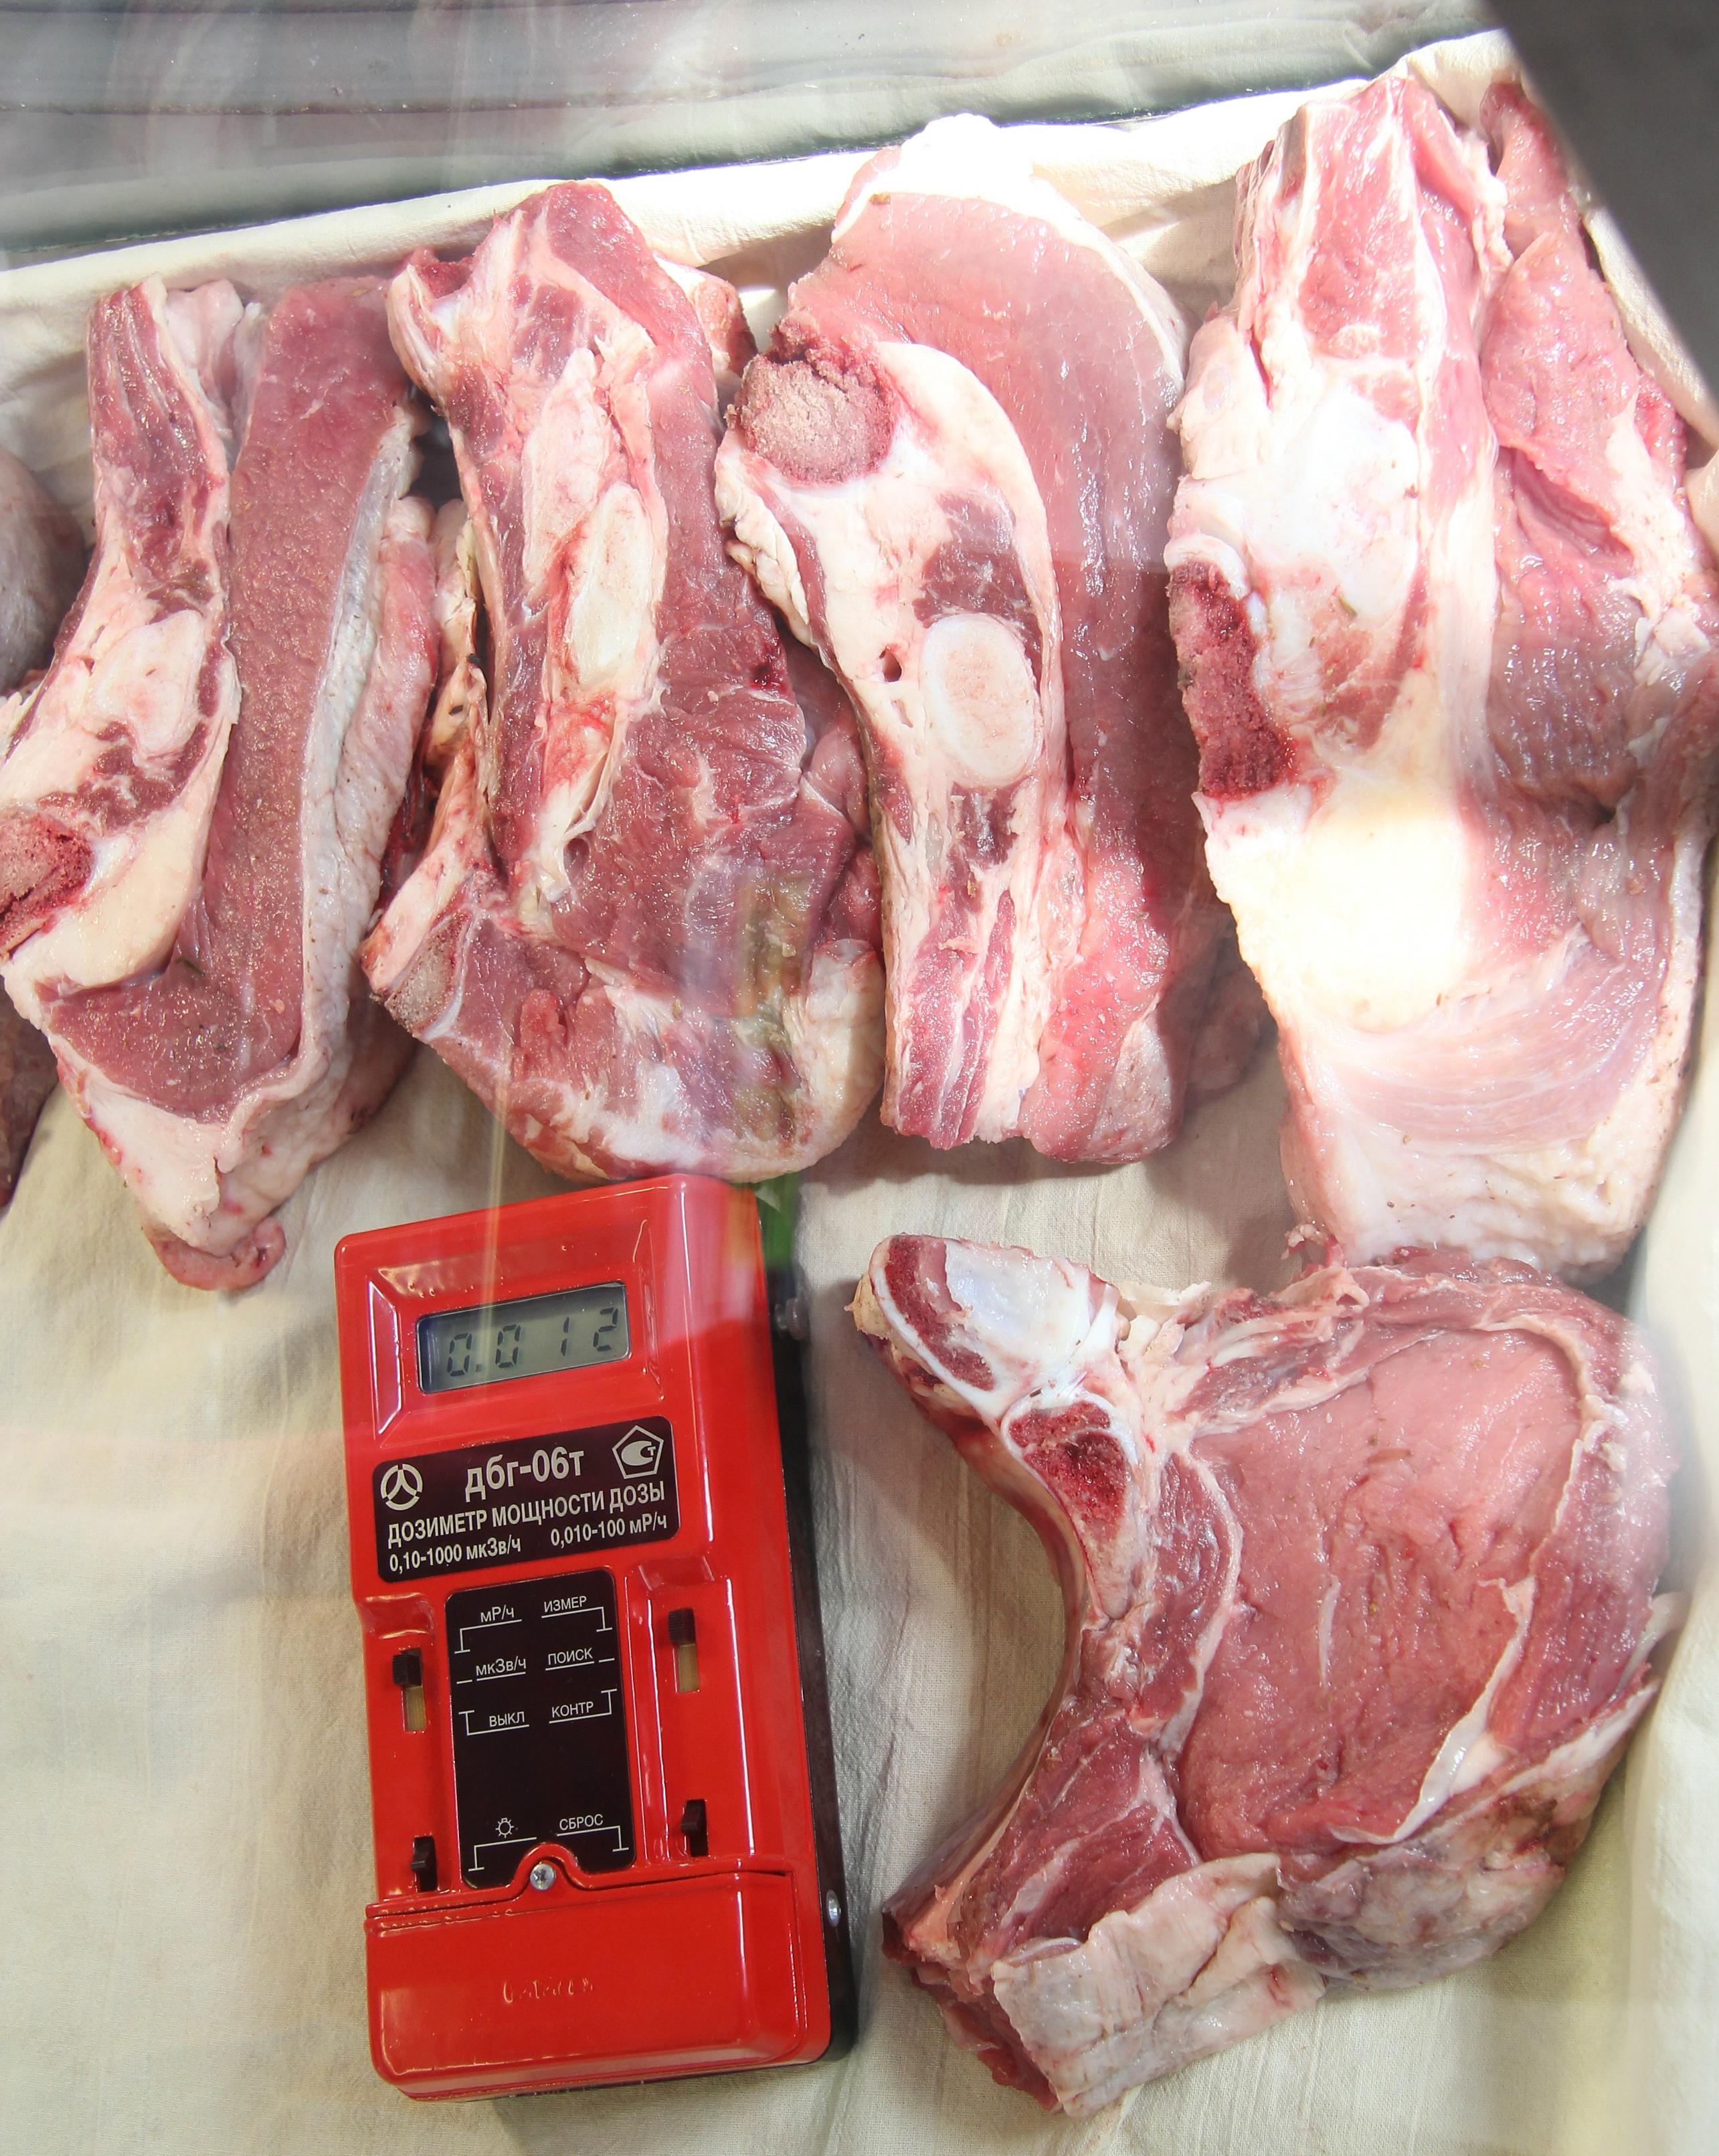 ФК «Ростов» купит 8,5 тонны мяса за2,6 млн руб.